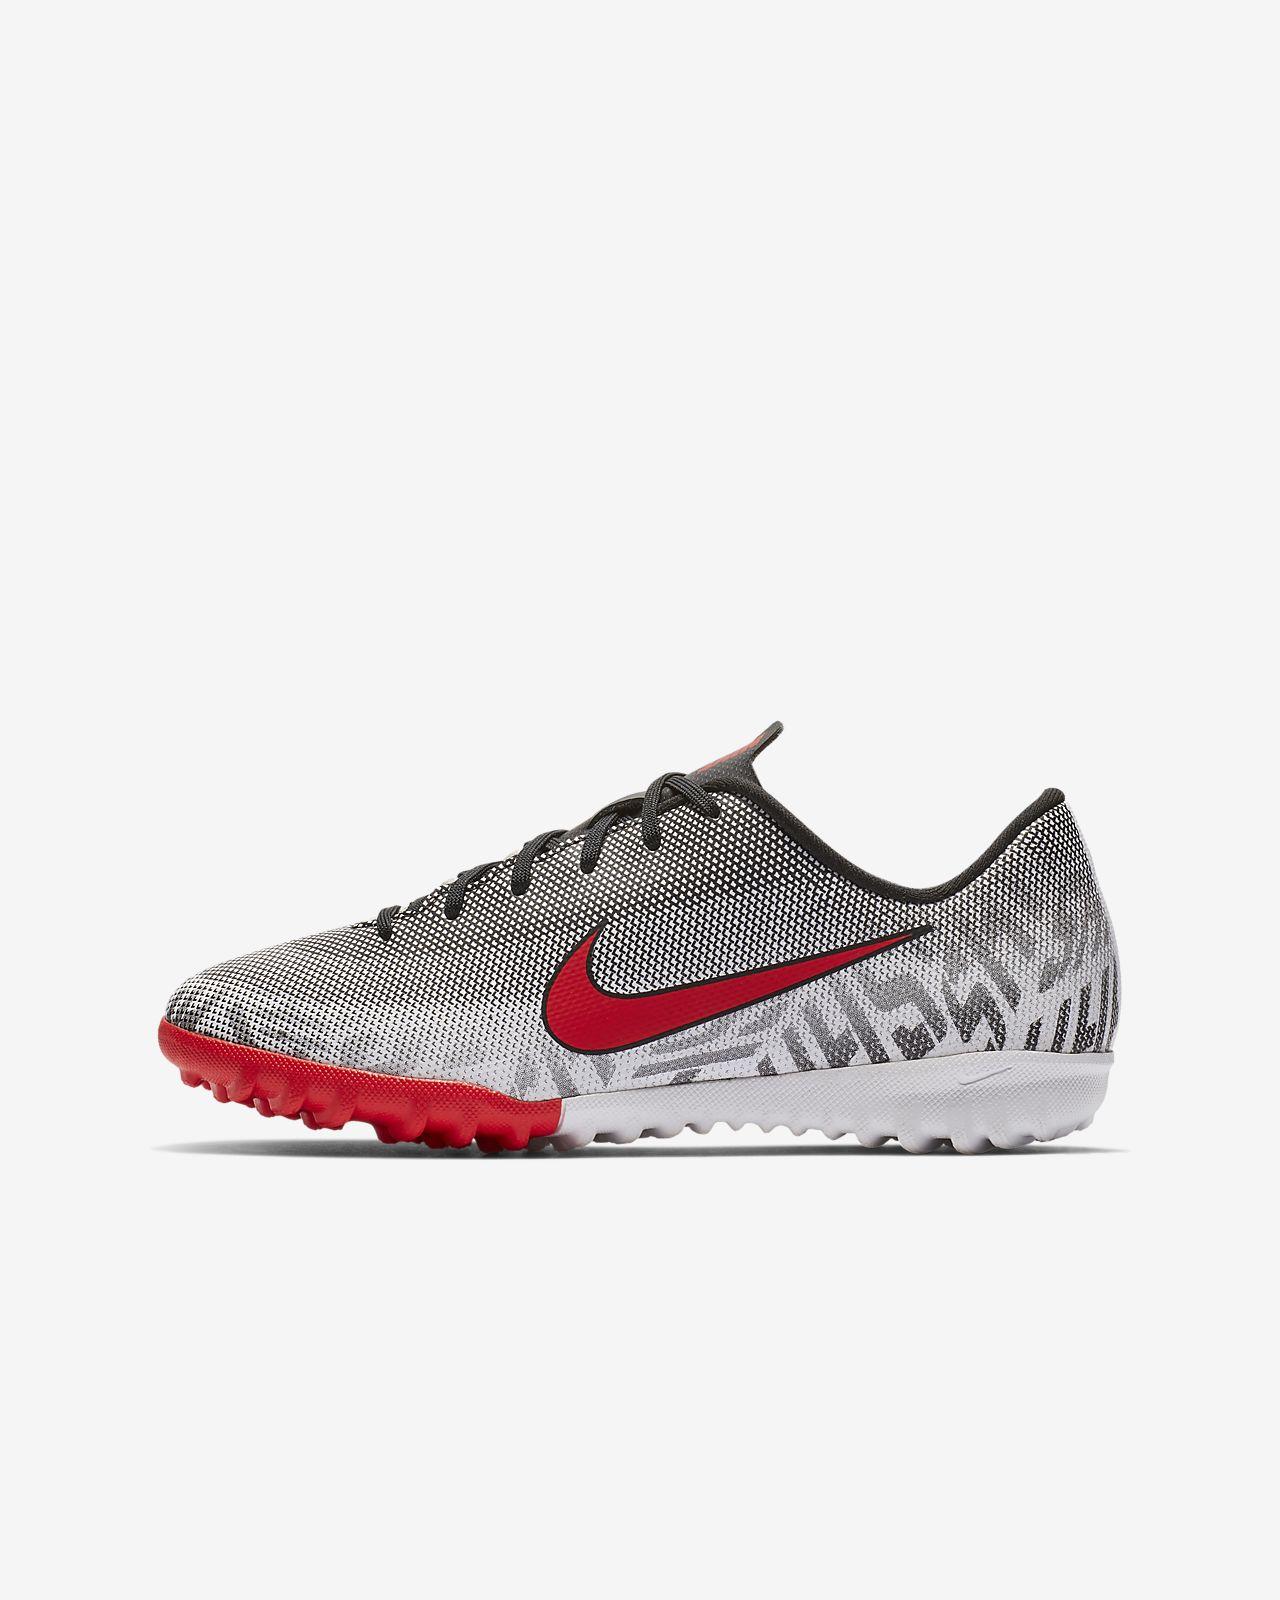 low priced 42f34 23817 ... Buty piłkarskie na sztuczną nawierzchnię typu turf dla małych/dużych  dzieci Nike Jr. Mercurial